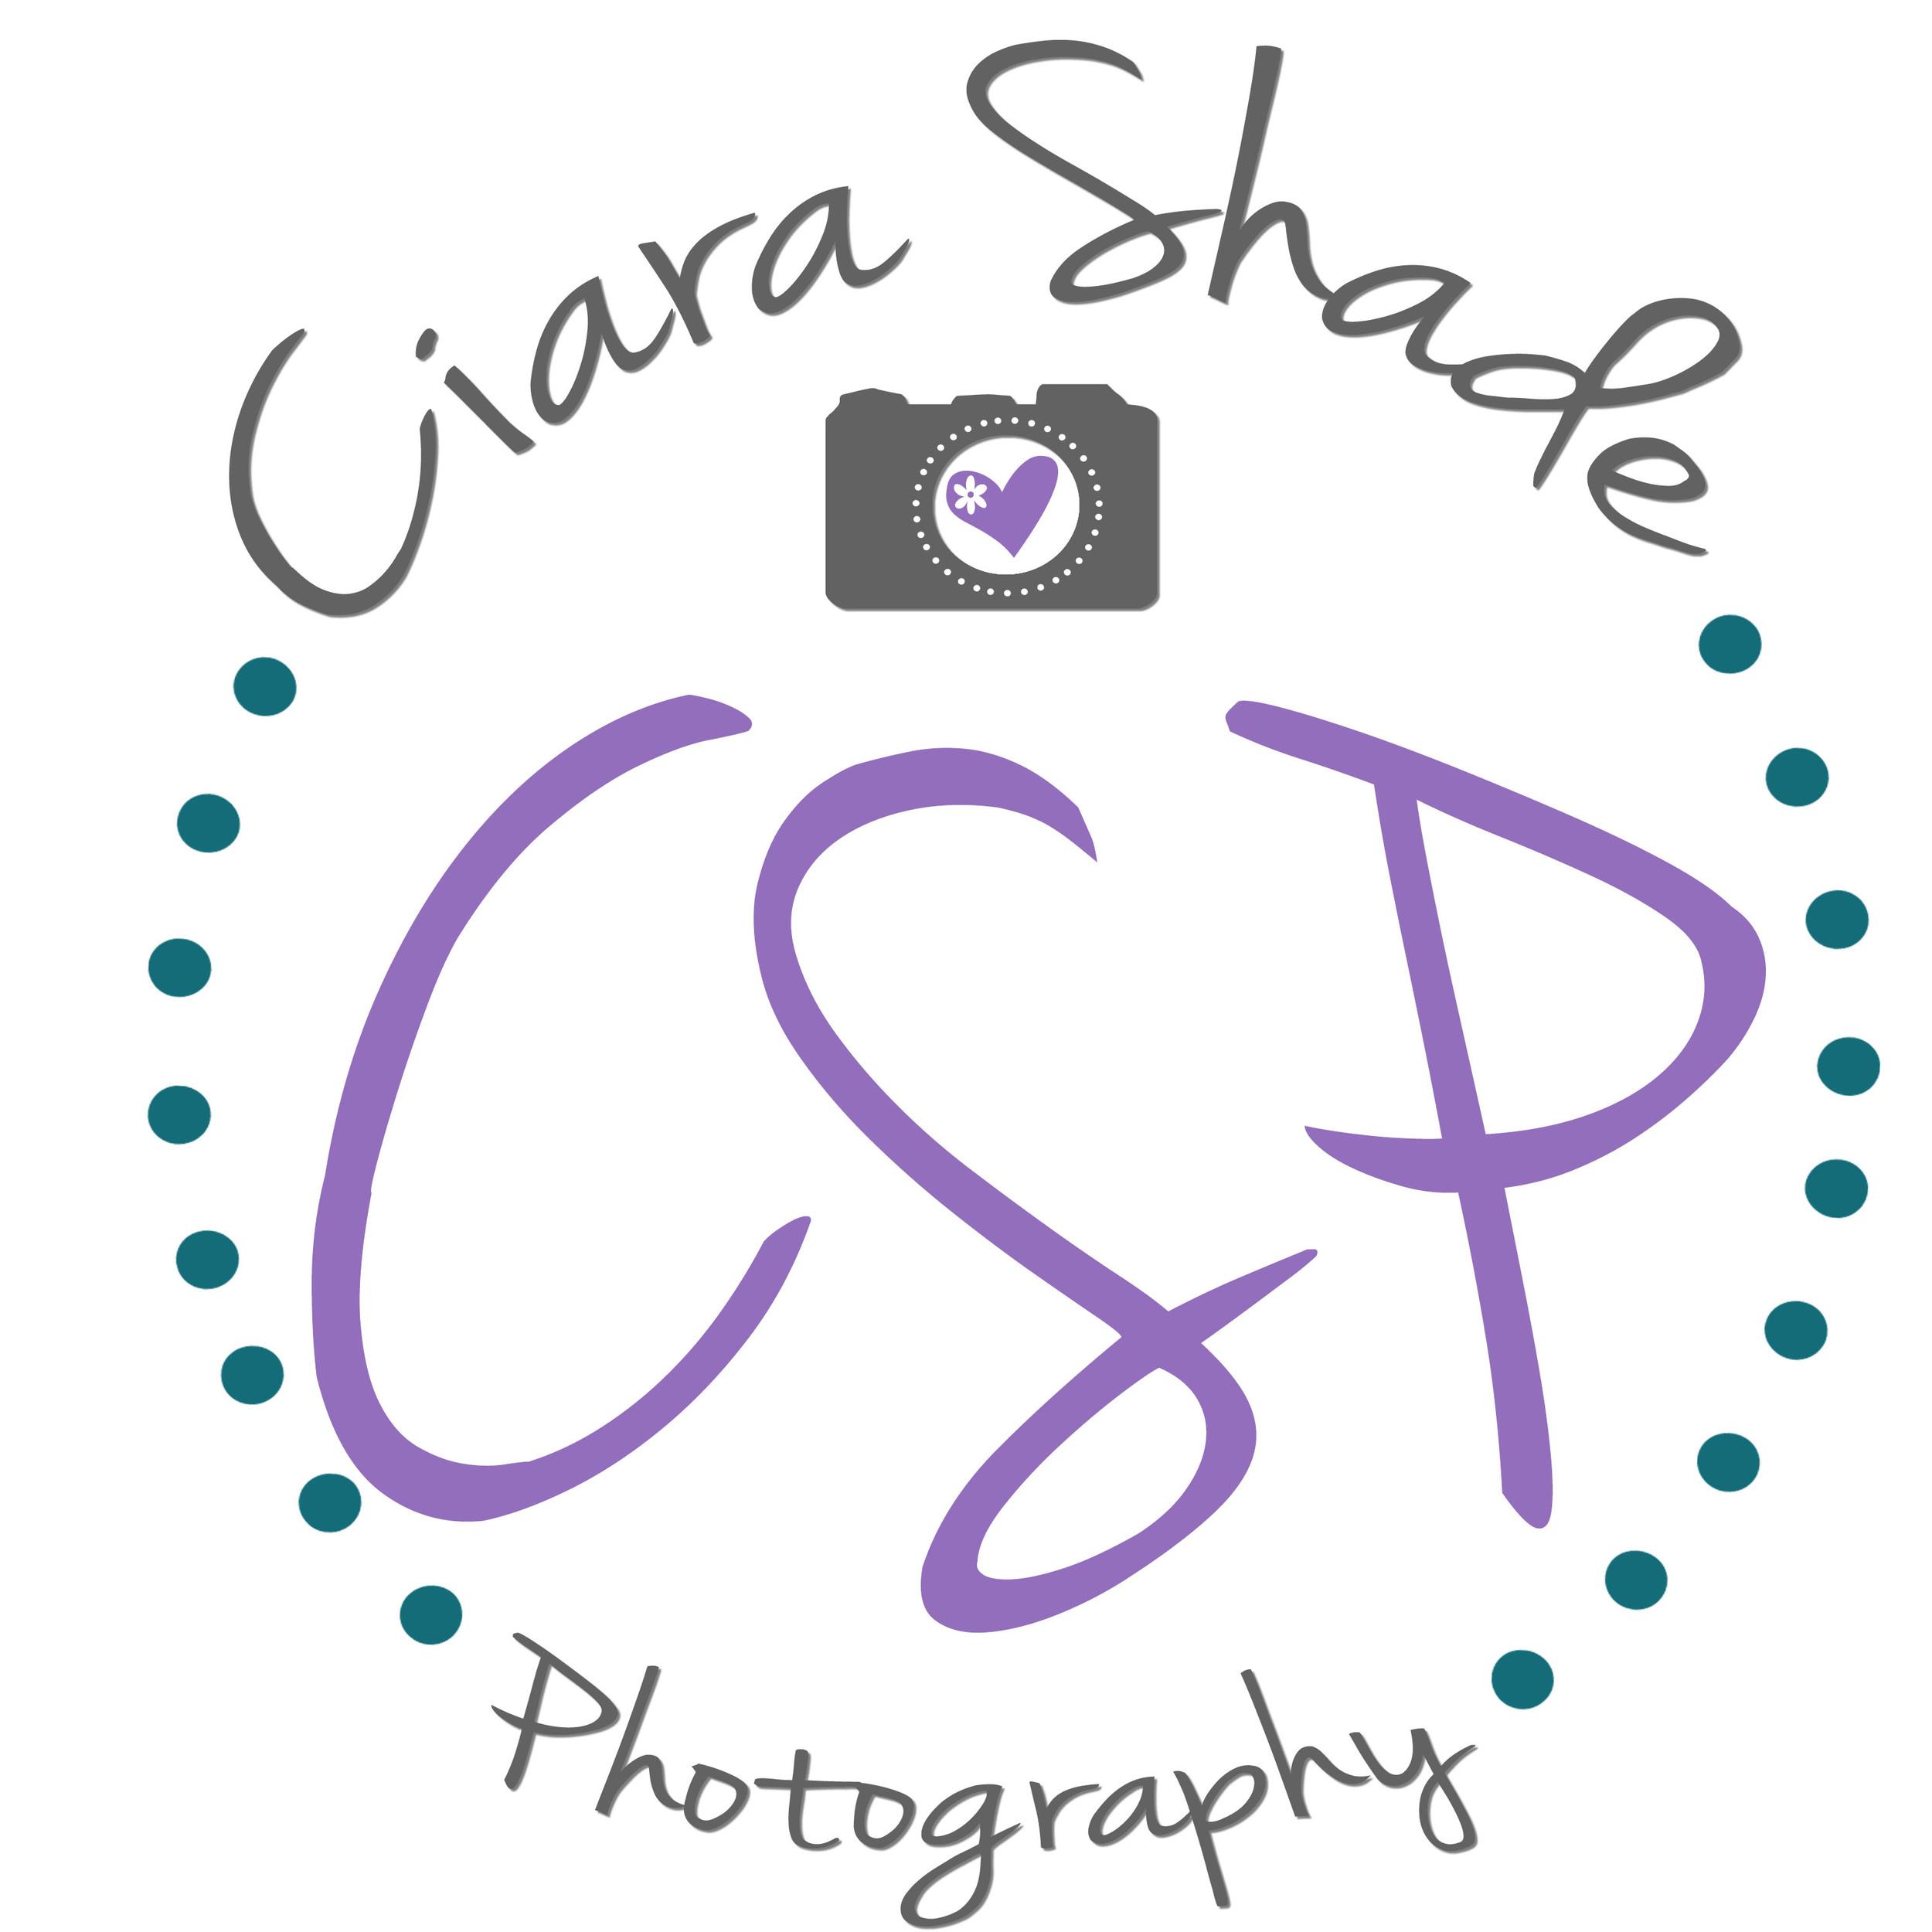 CiaraShade2.jpg